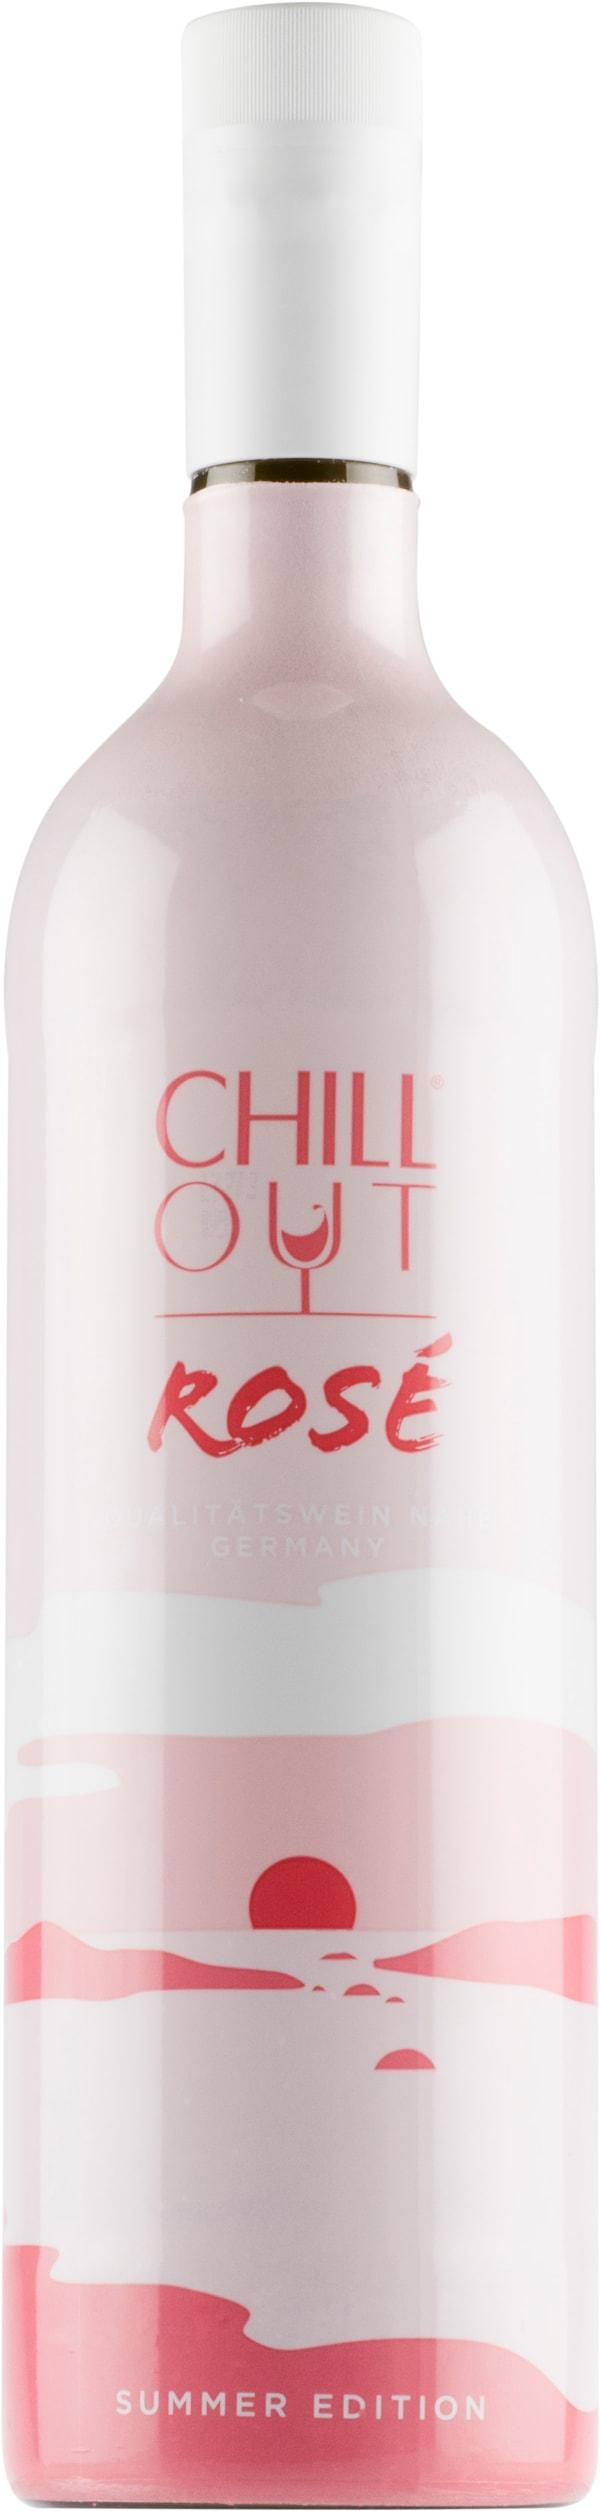 Chill Out Rosé muovipullo